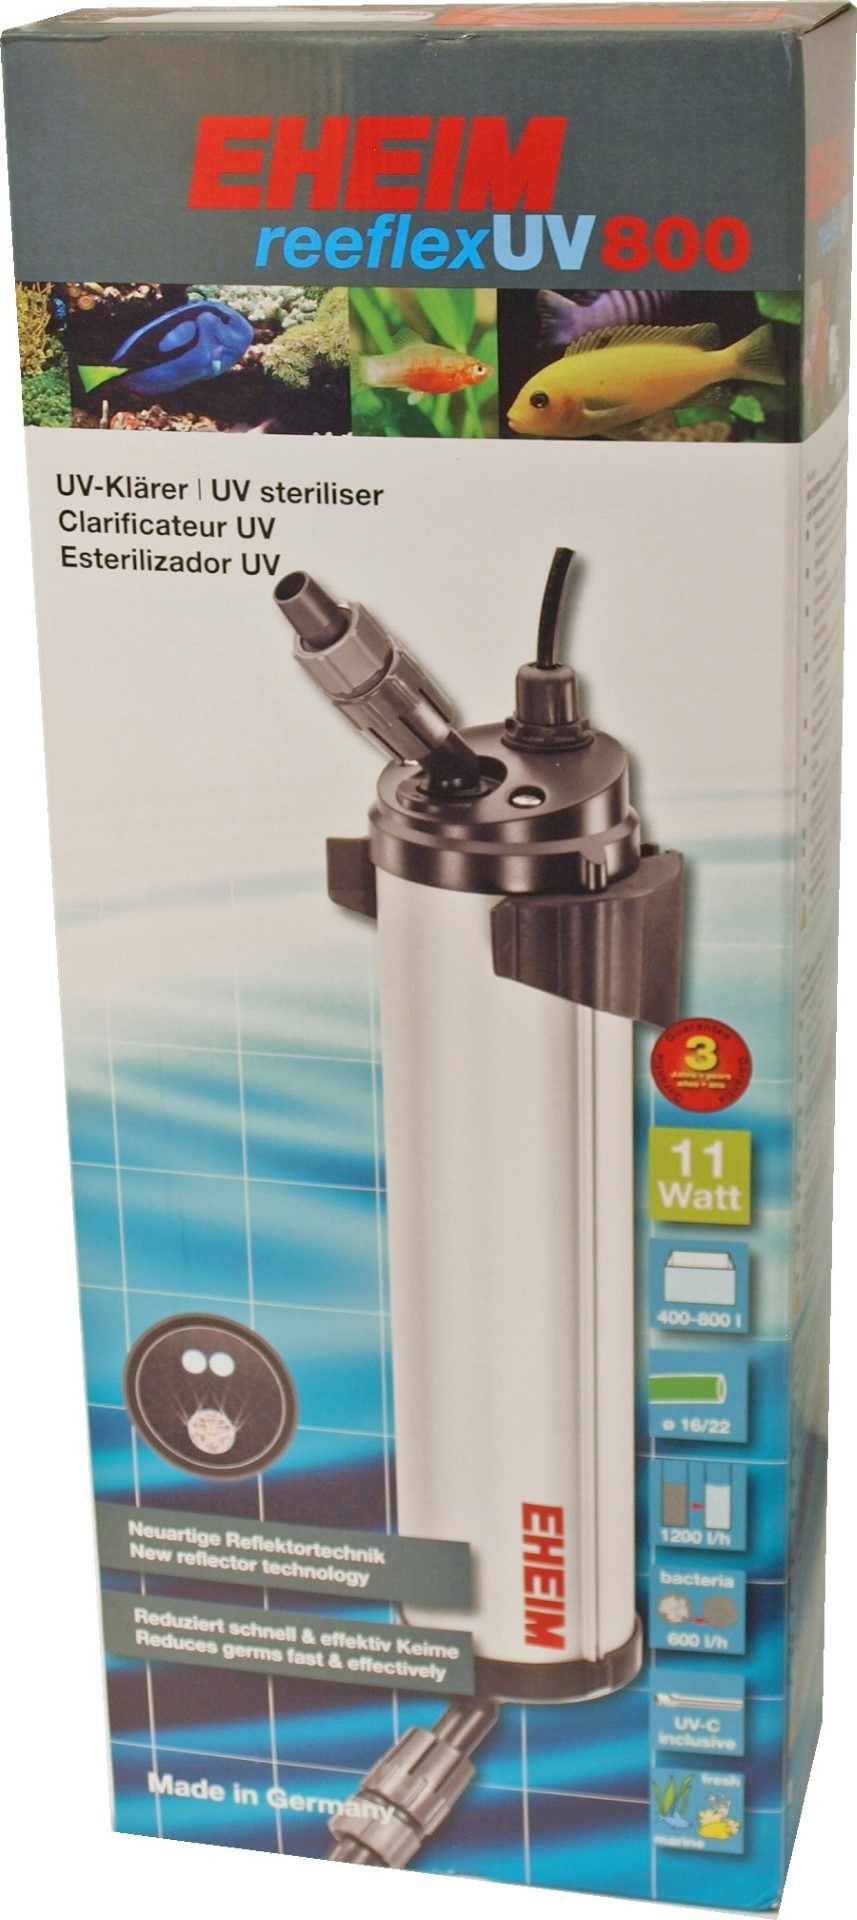 Eheim UV sterilizer Reeflex UV800